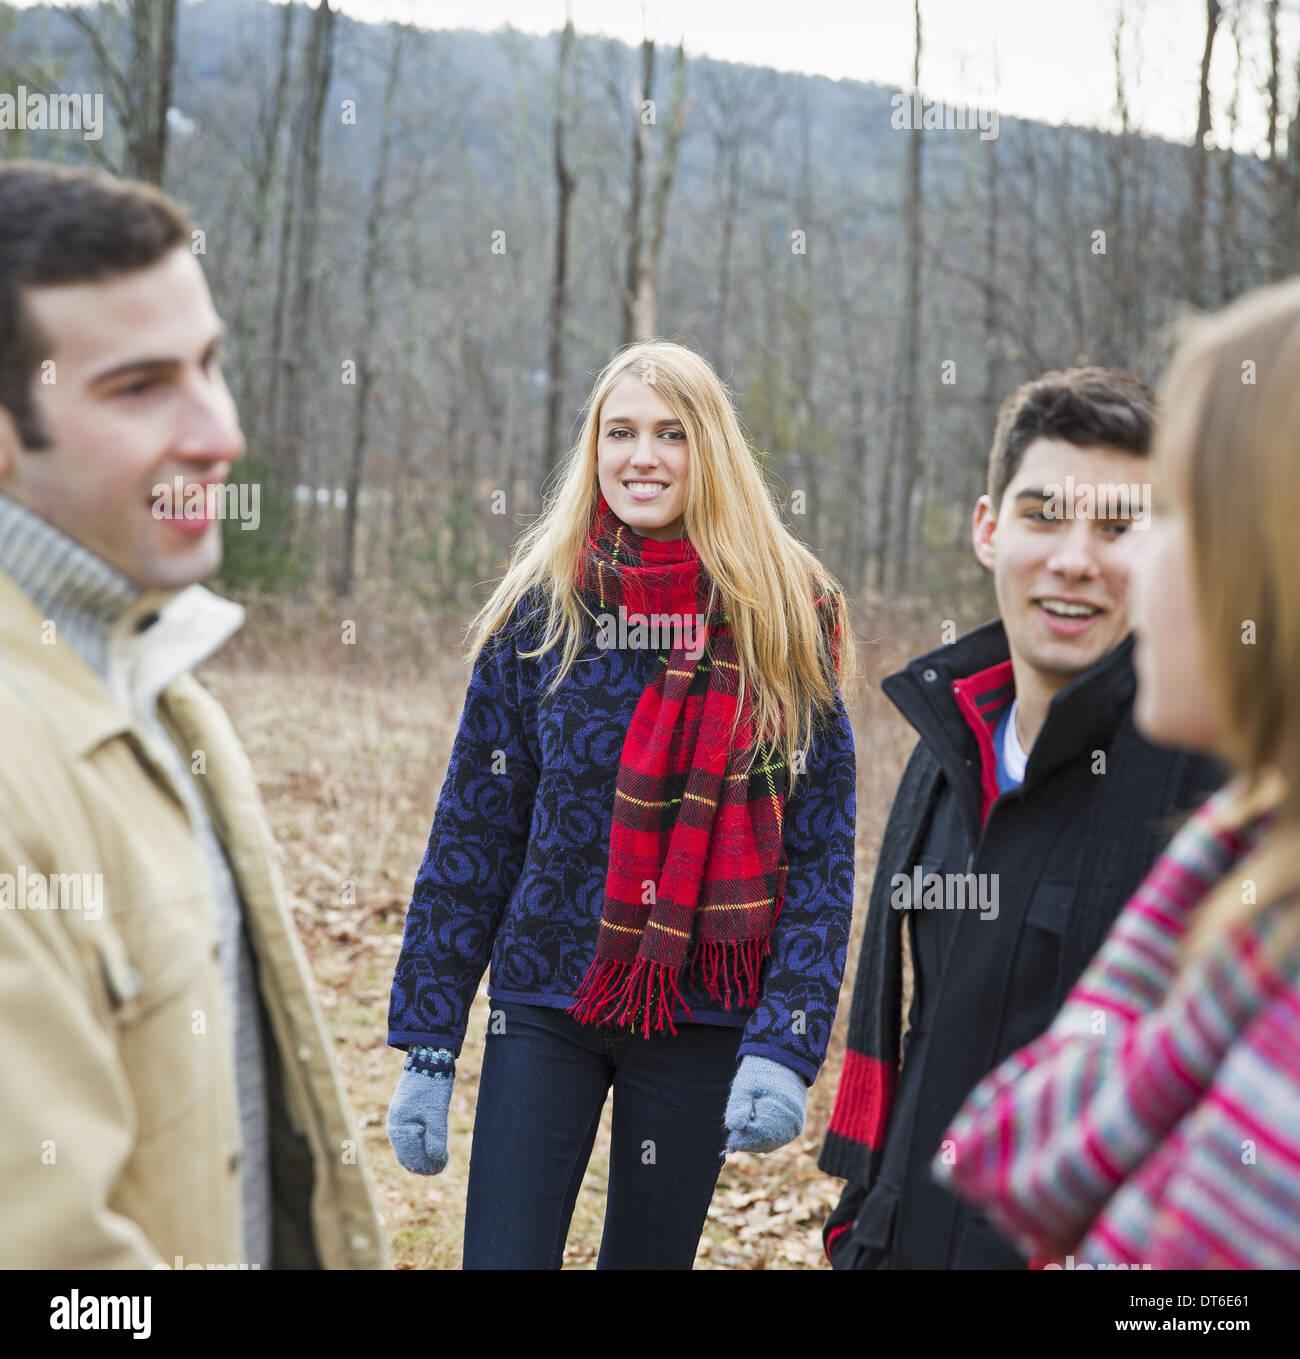 Eine Gruppe von vier Personen im Freien an einem Wintertag. Stockbild